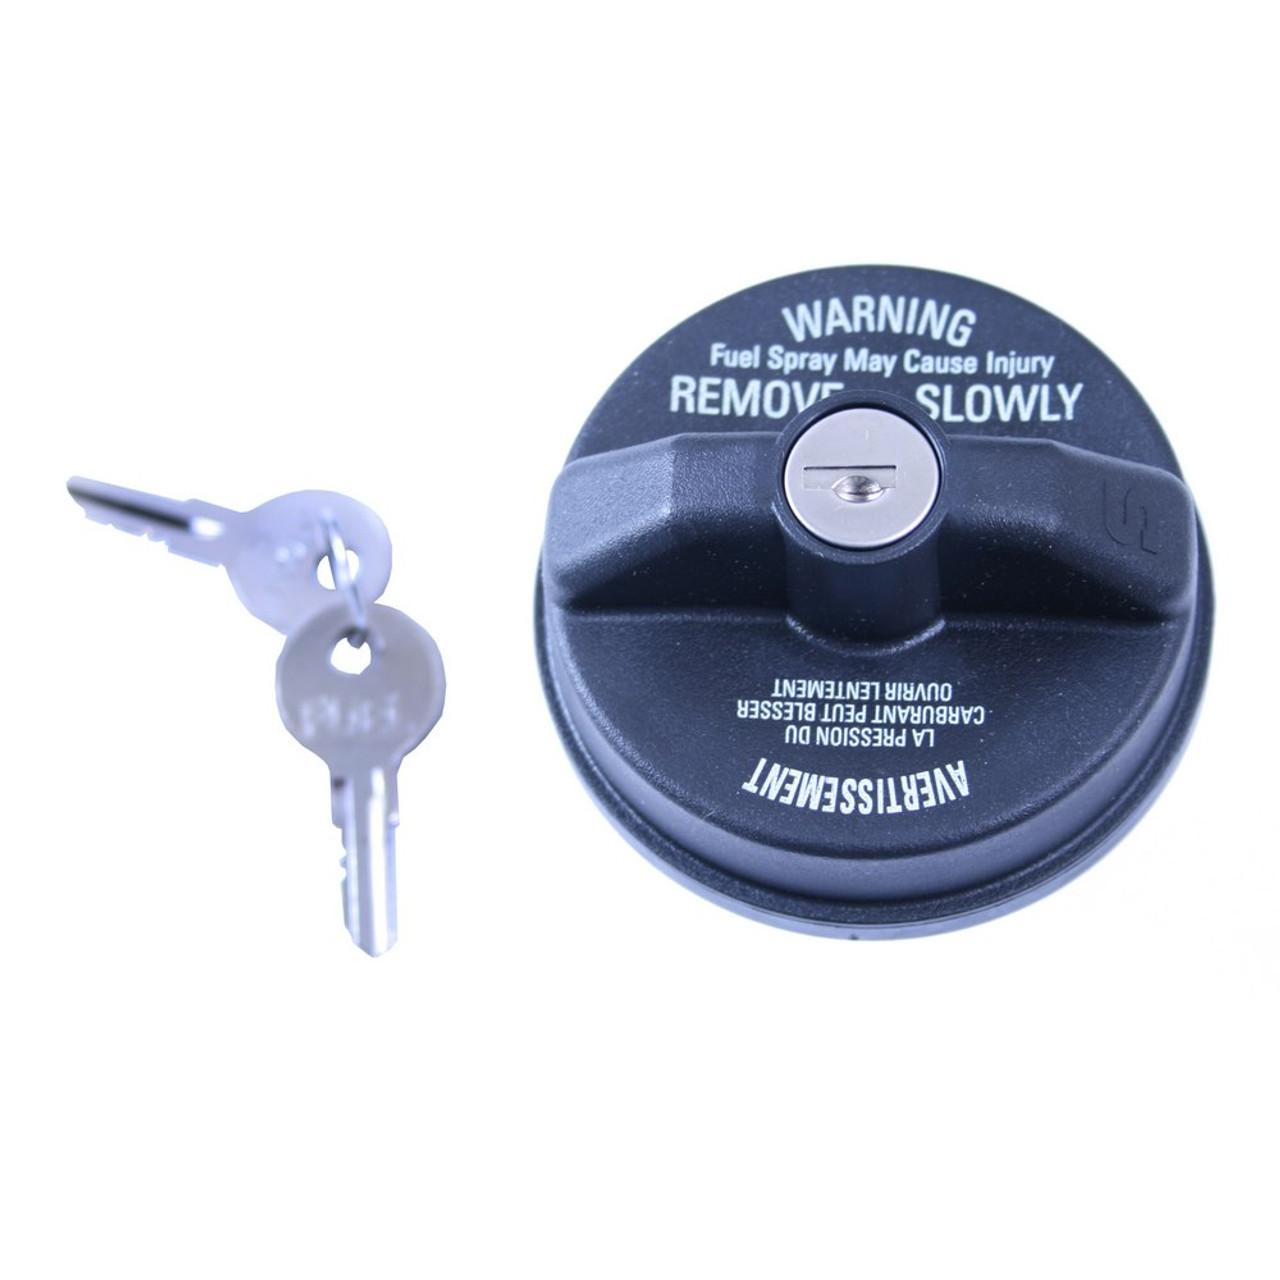 Gas Cap for Jeep Wrangler 01-06 Grand Cherokee 01-04 Cherokee 00-01 17726.12